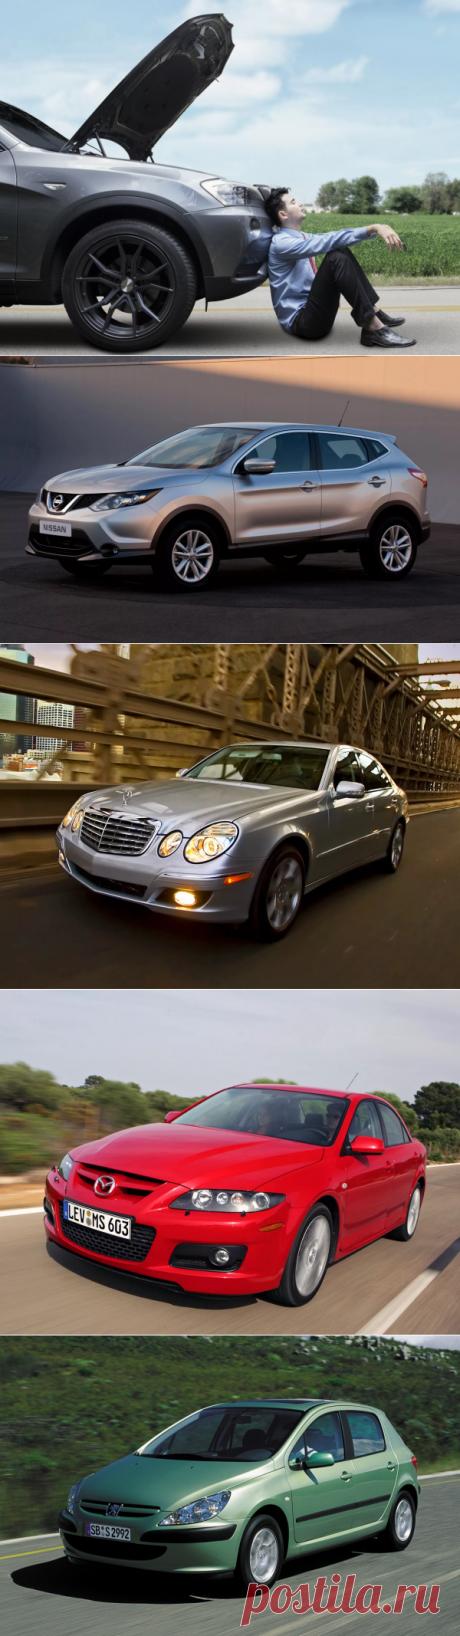 ТОП 10: самые ненадёжные и дорогие в обслуге автомобили | АвтоCAR | Яндекс Дзен